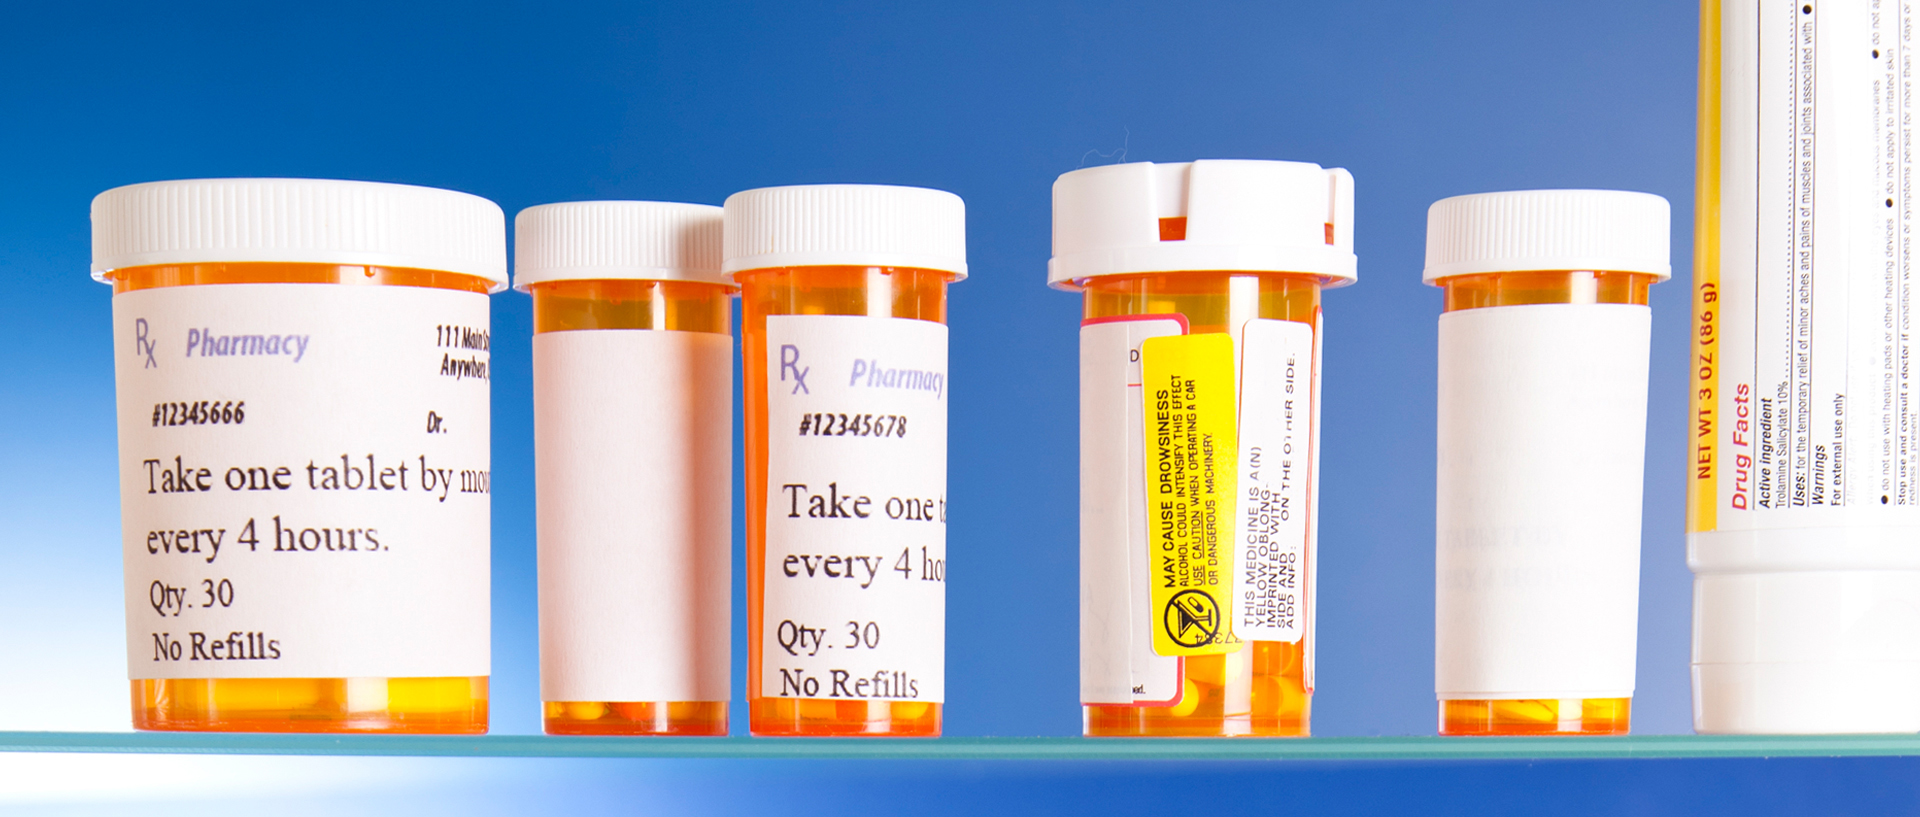 pregabalin generic painkiller